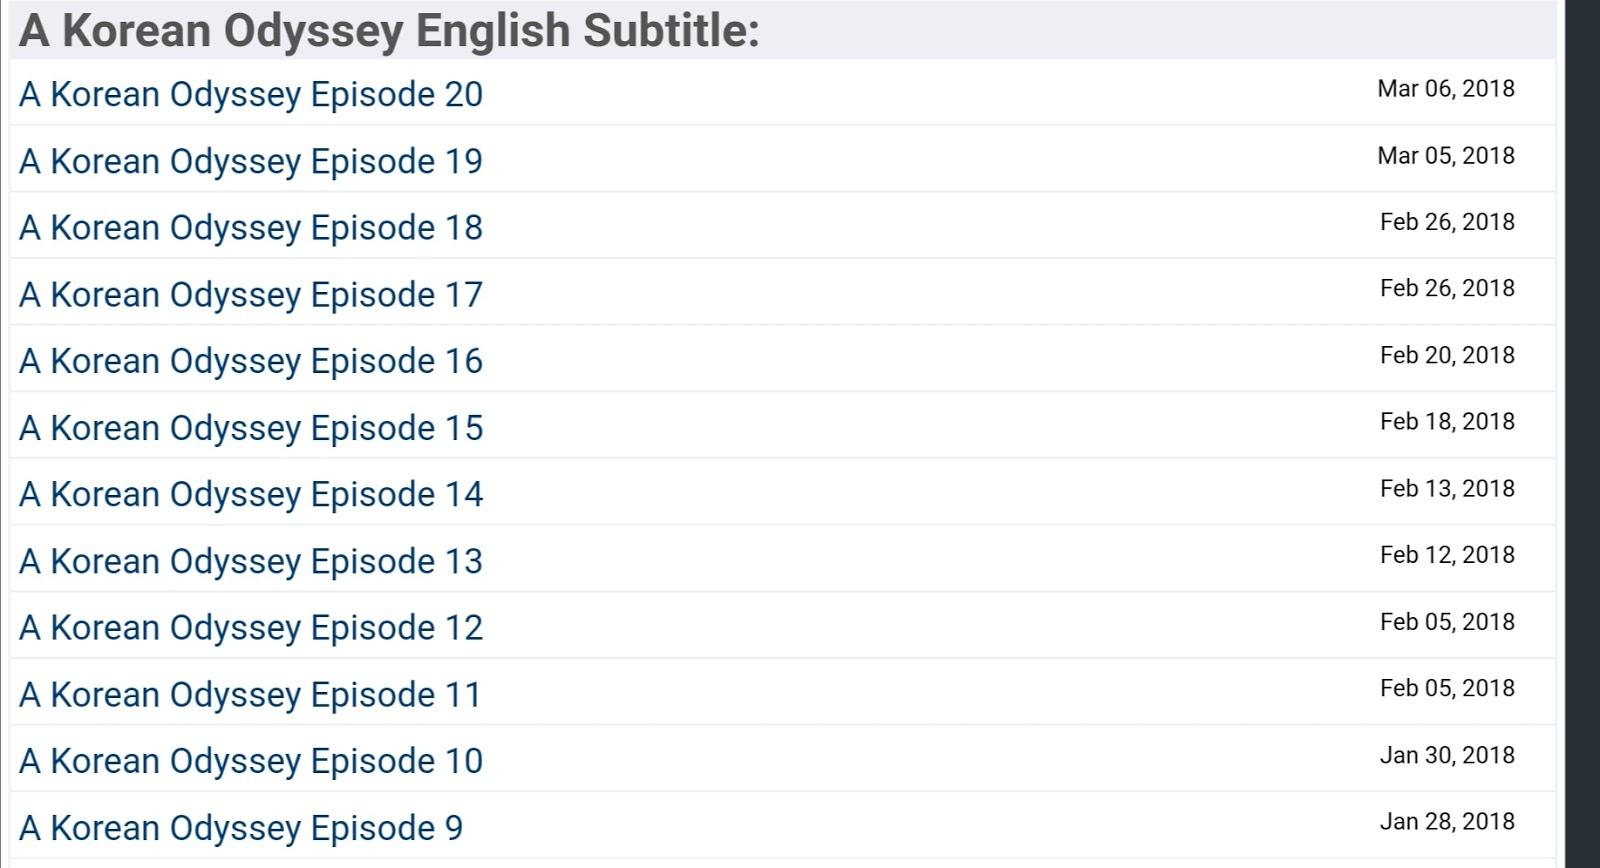 DramaGalaxy Korean Odyssey English Subtitle